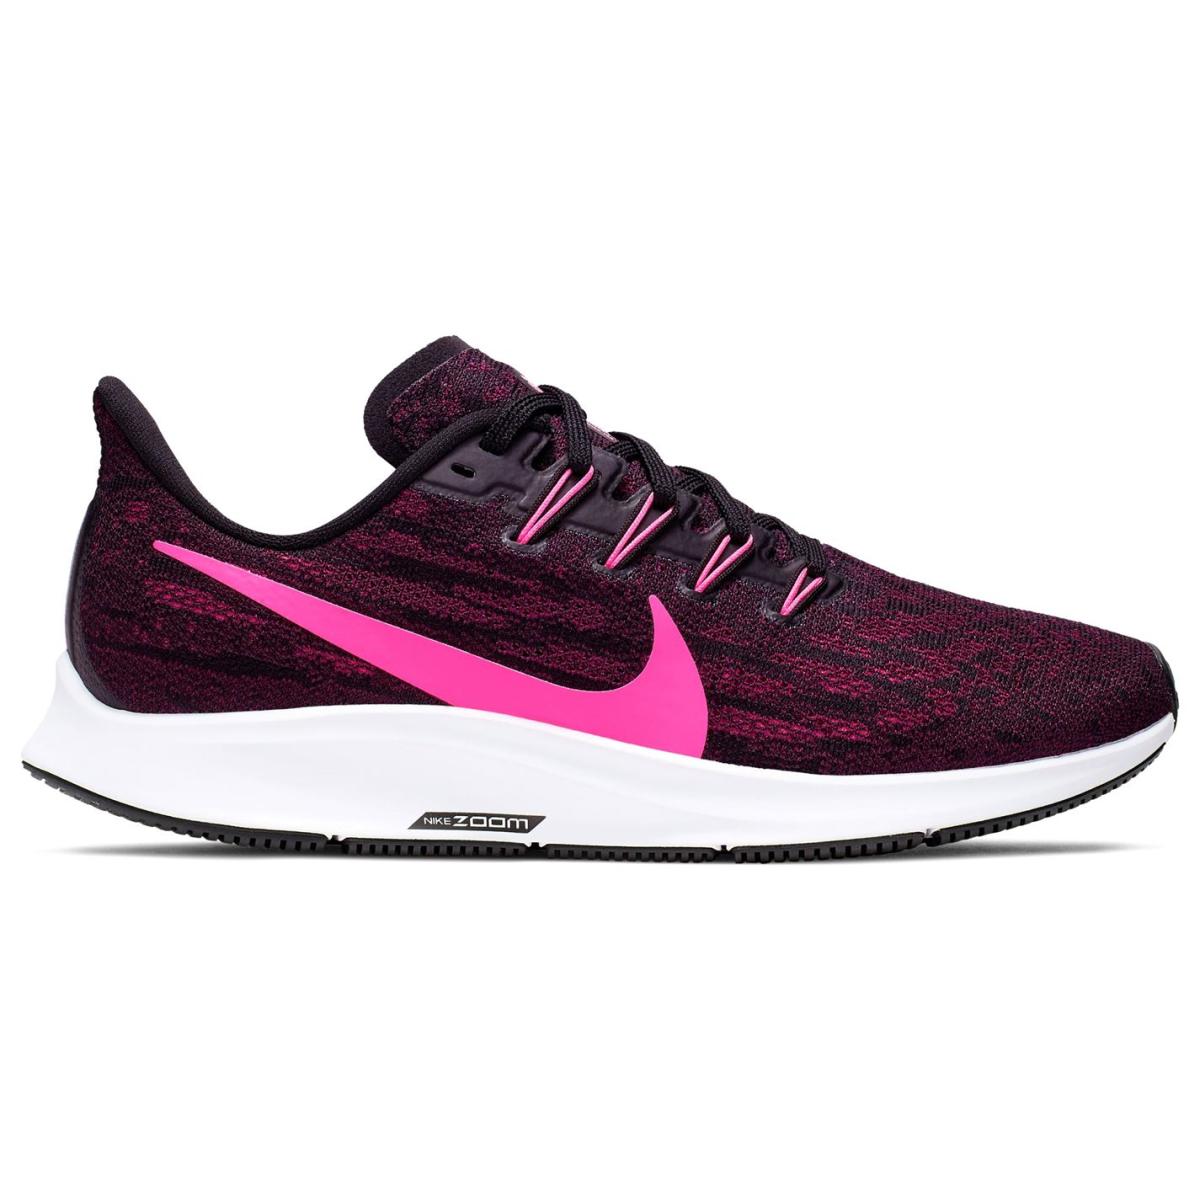 Nike Zoom Pegasus 36 Turnschuhe Damen Sneaker Sportschuhe Laufschuhe 4924